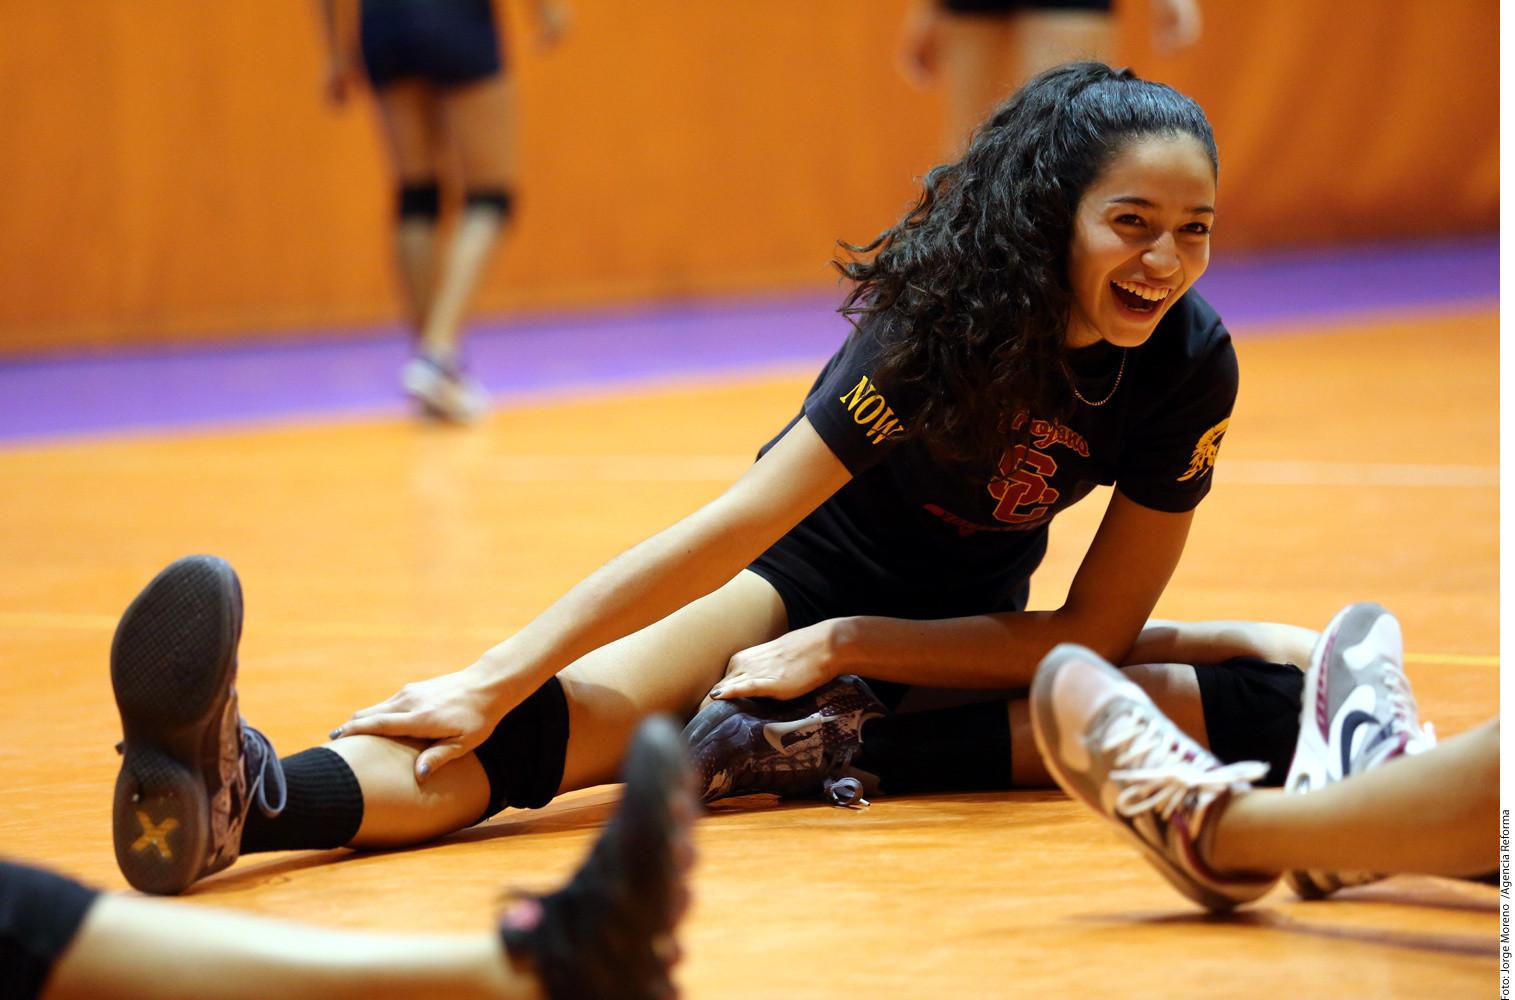 samantha bricio  mejor jugadora de voleibol de ee uu